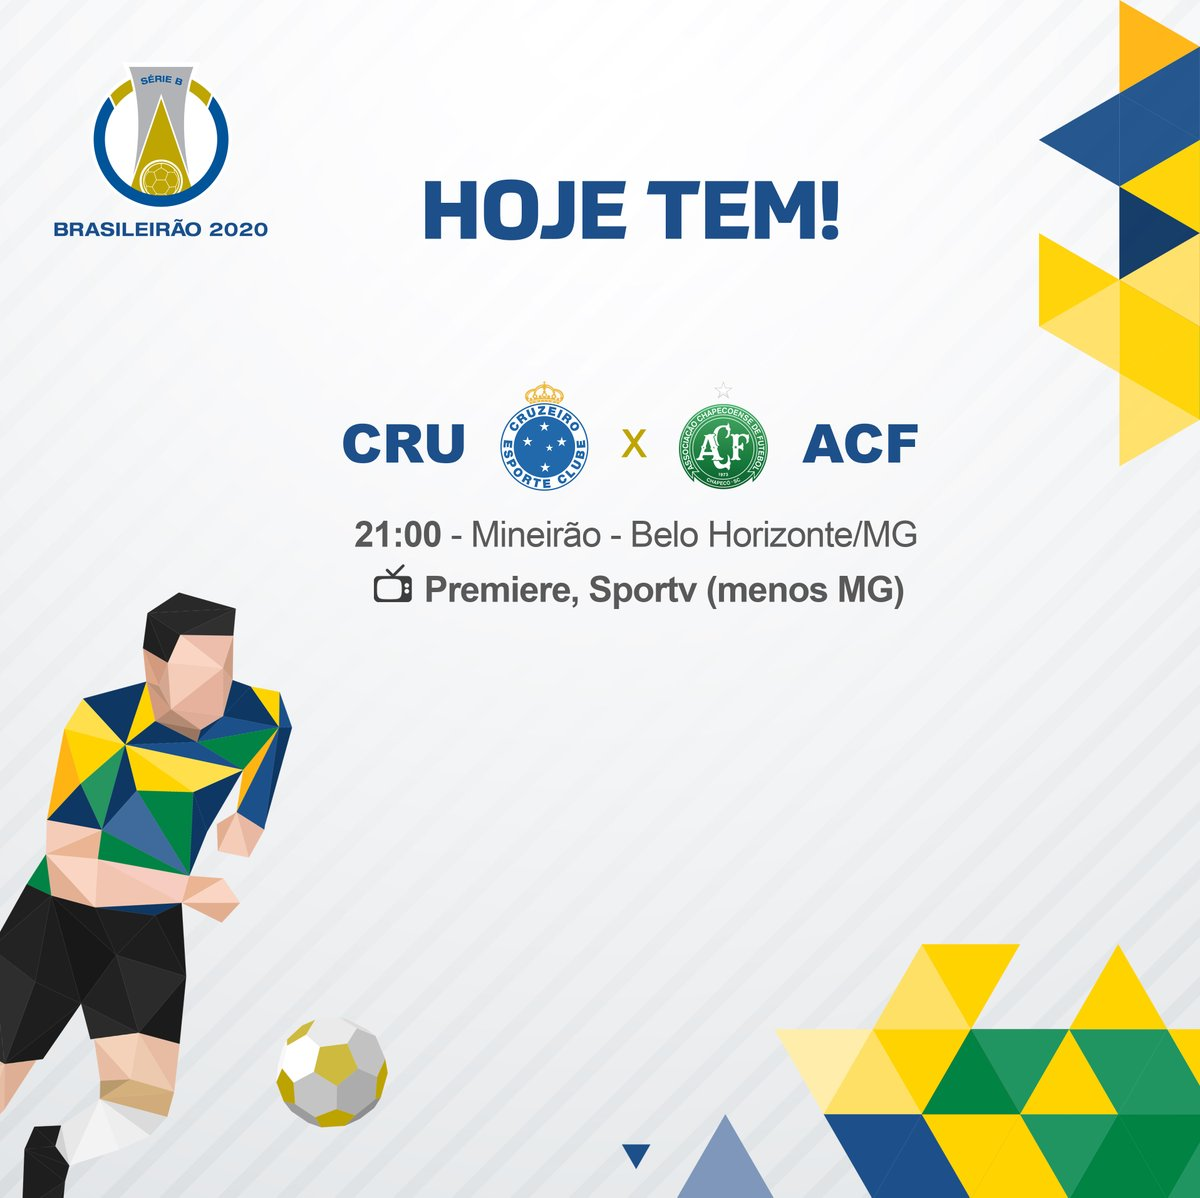 Brasileirao Serie B On Twitter Hoje E Dia De Cruzeiro E Chapecoense Fecharem A Rodada Do Brasileiraob Os Dois Estao Colados Na Tabela E Os Tres Pontos Valem Ouro Para Encostar